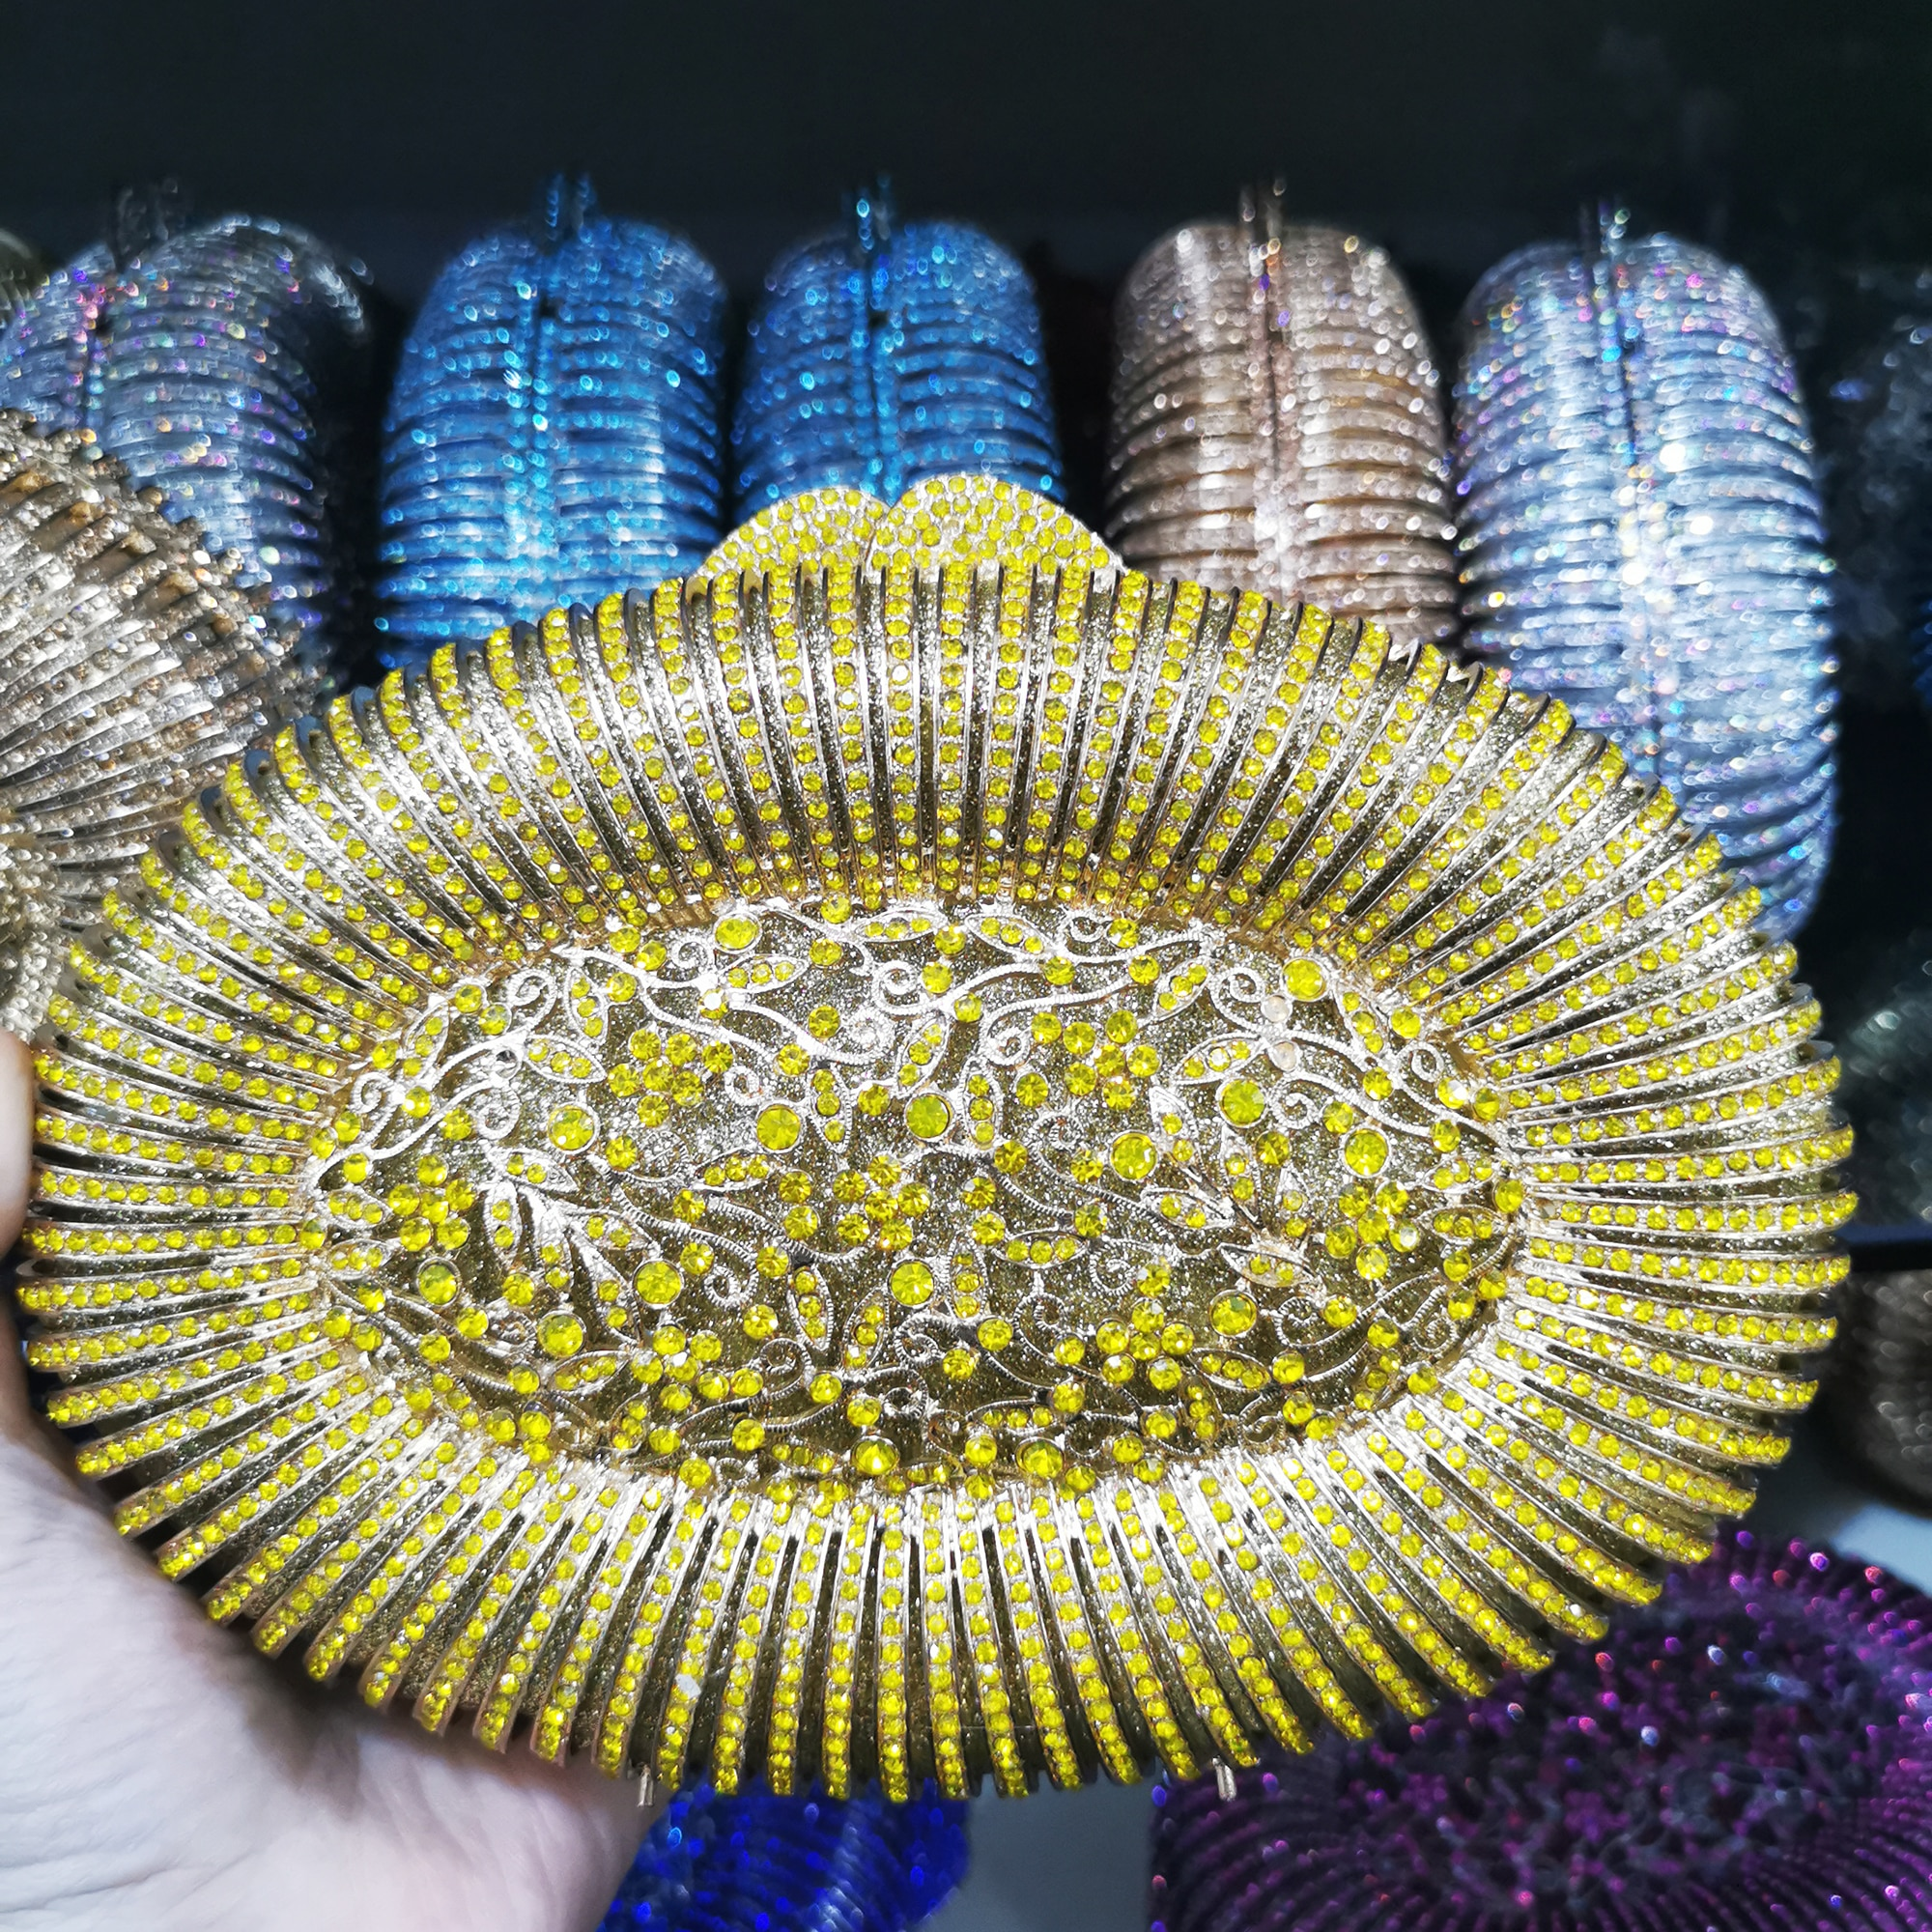 حقيبة نسائية باللون الأصفر والأزرق مرصعة بالكريستال والماس وهي حقائب معدنية للسهرة وحقائب يد للزفاف ومحفظات للزفاف